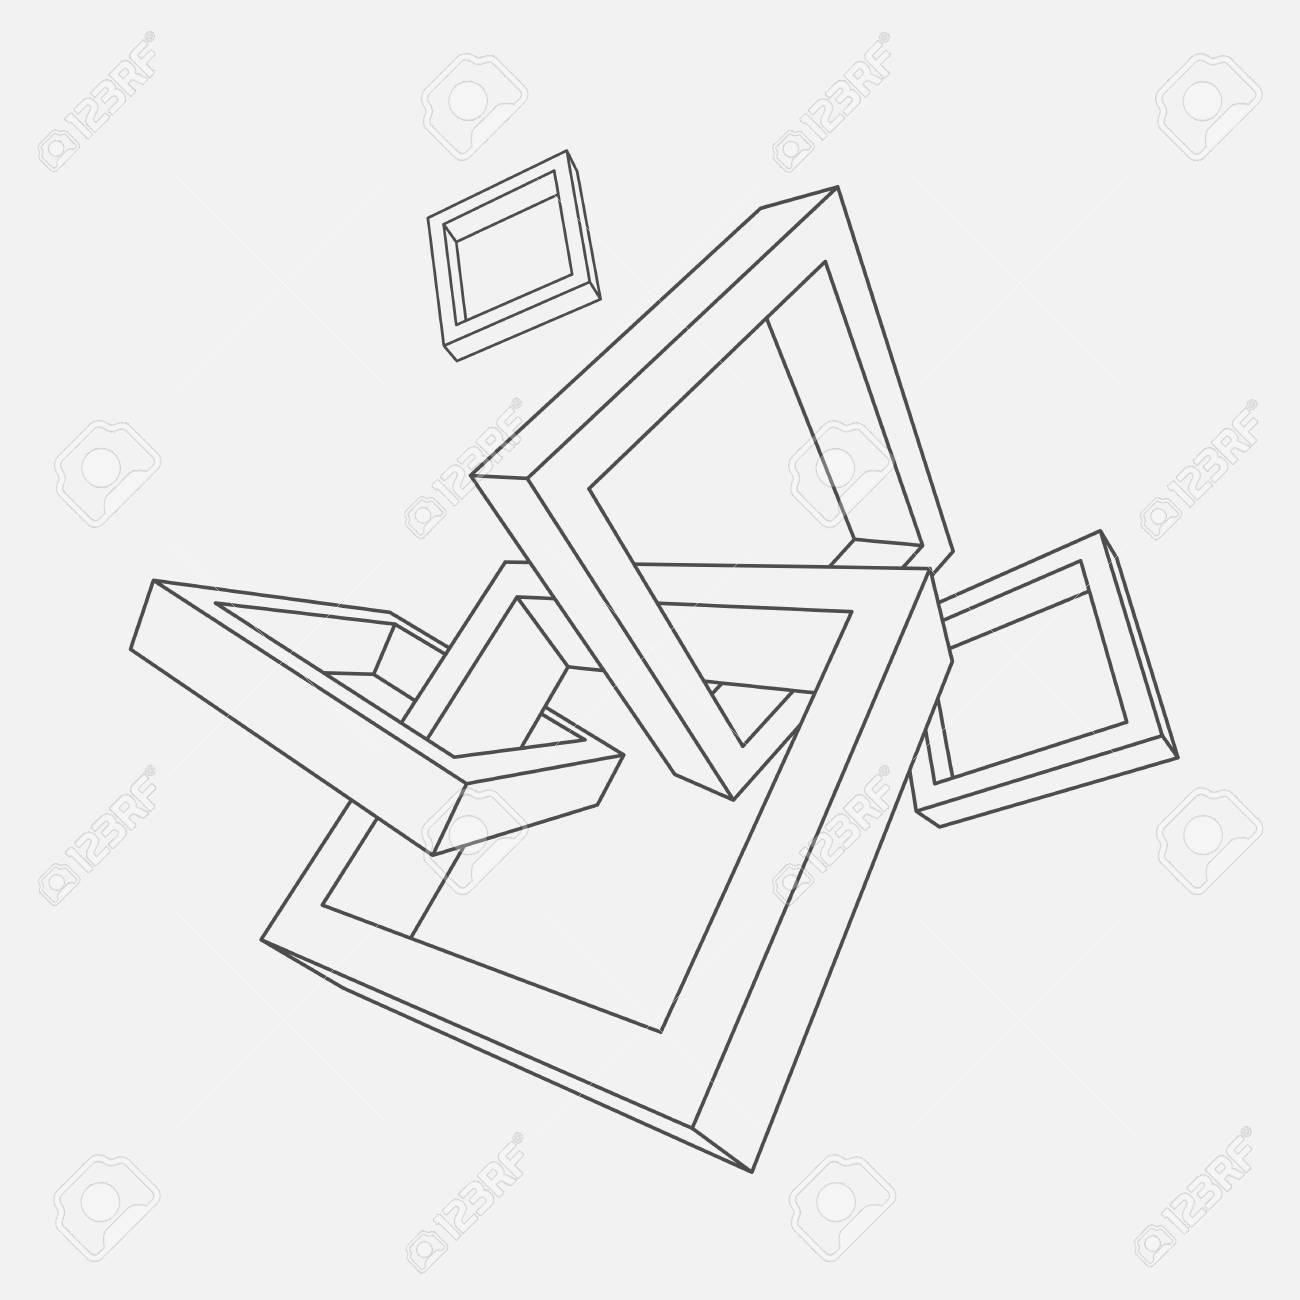 Zusammenfassung Vektor Illustration Von 3d Rahmen Mit Platz Für Text